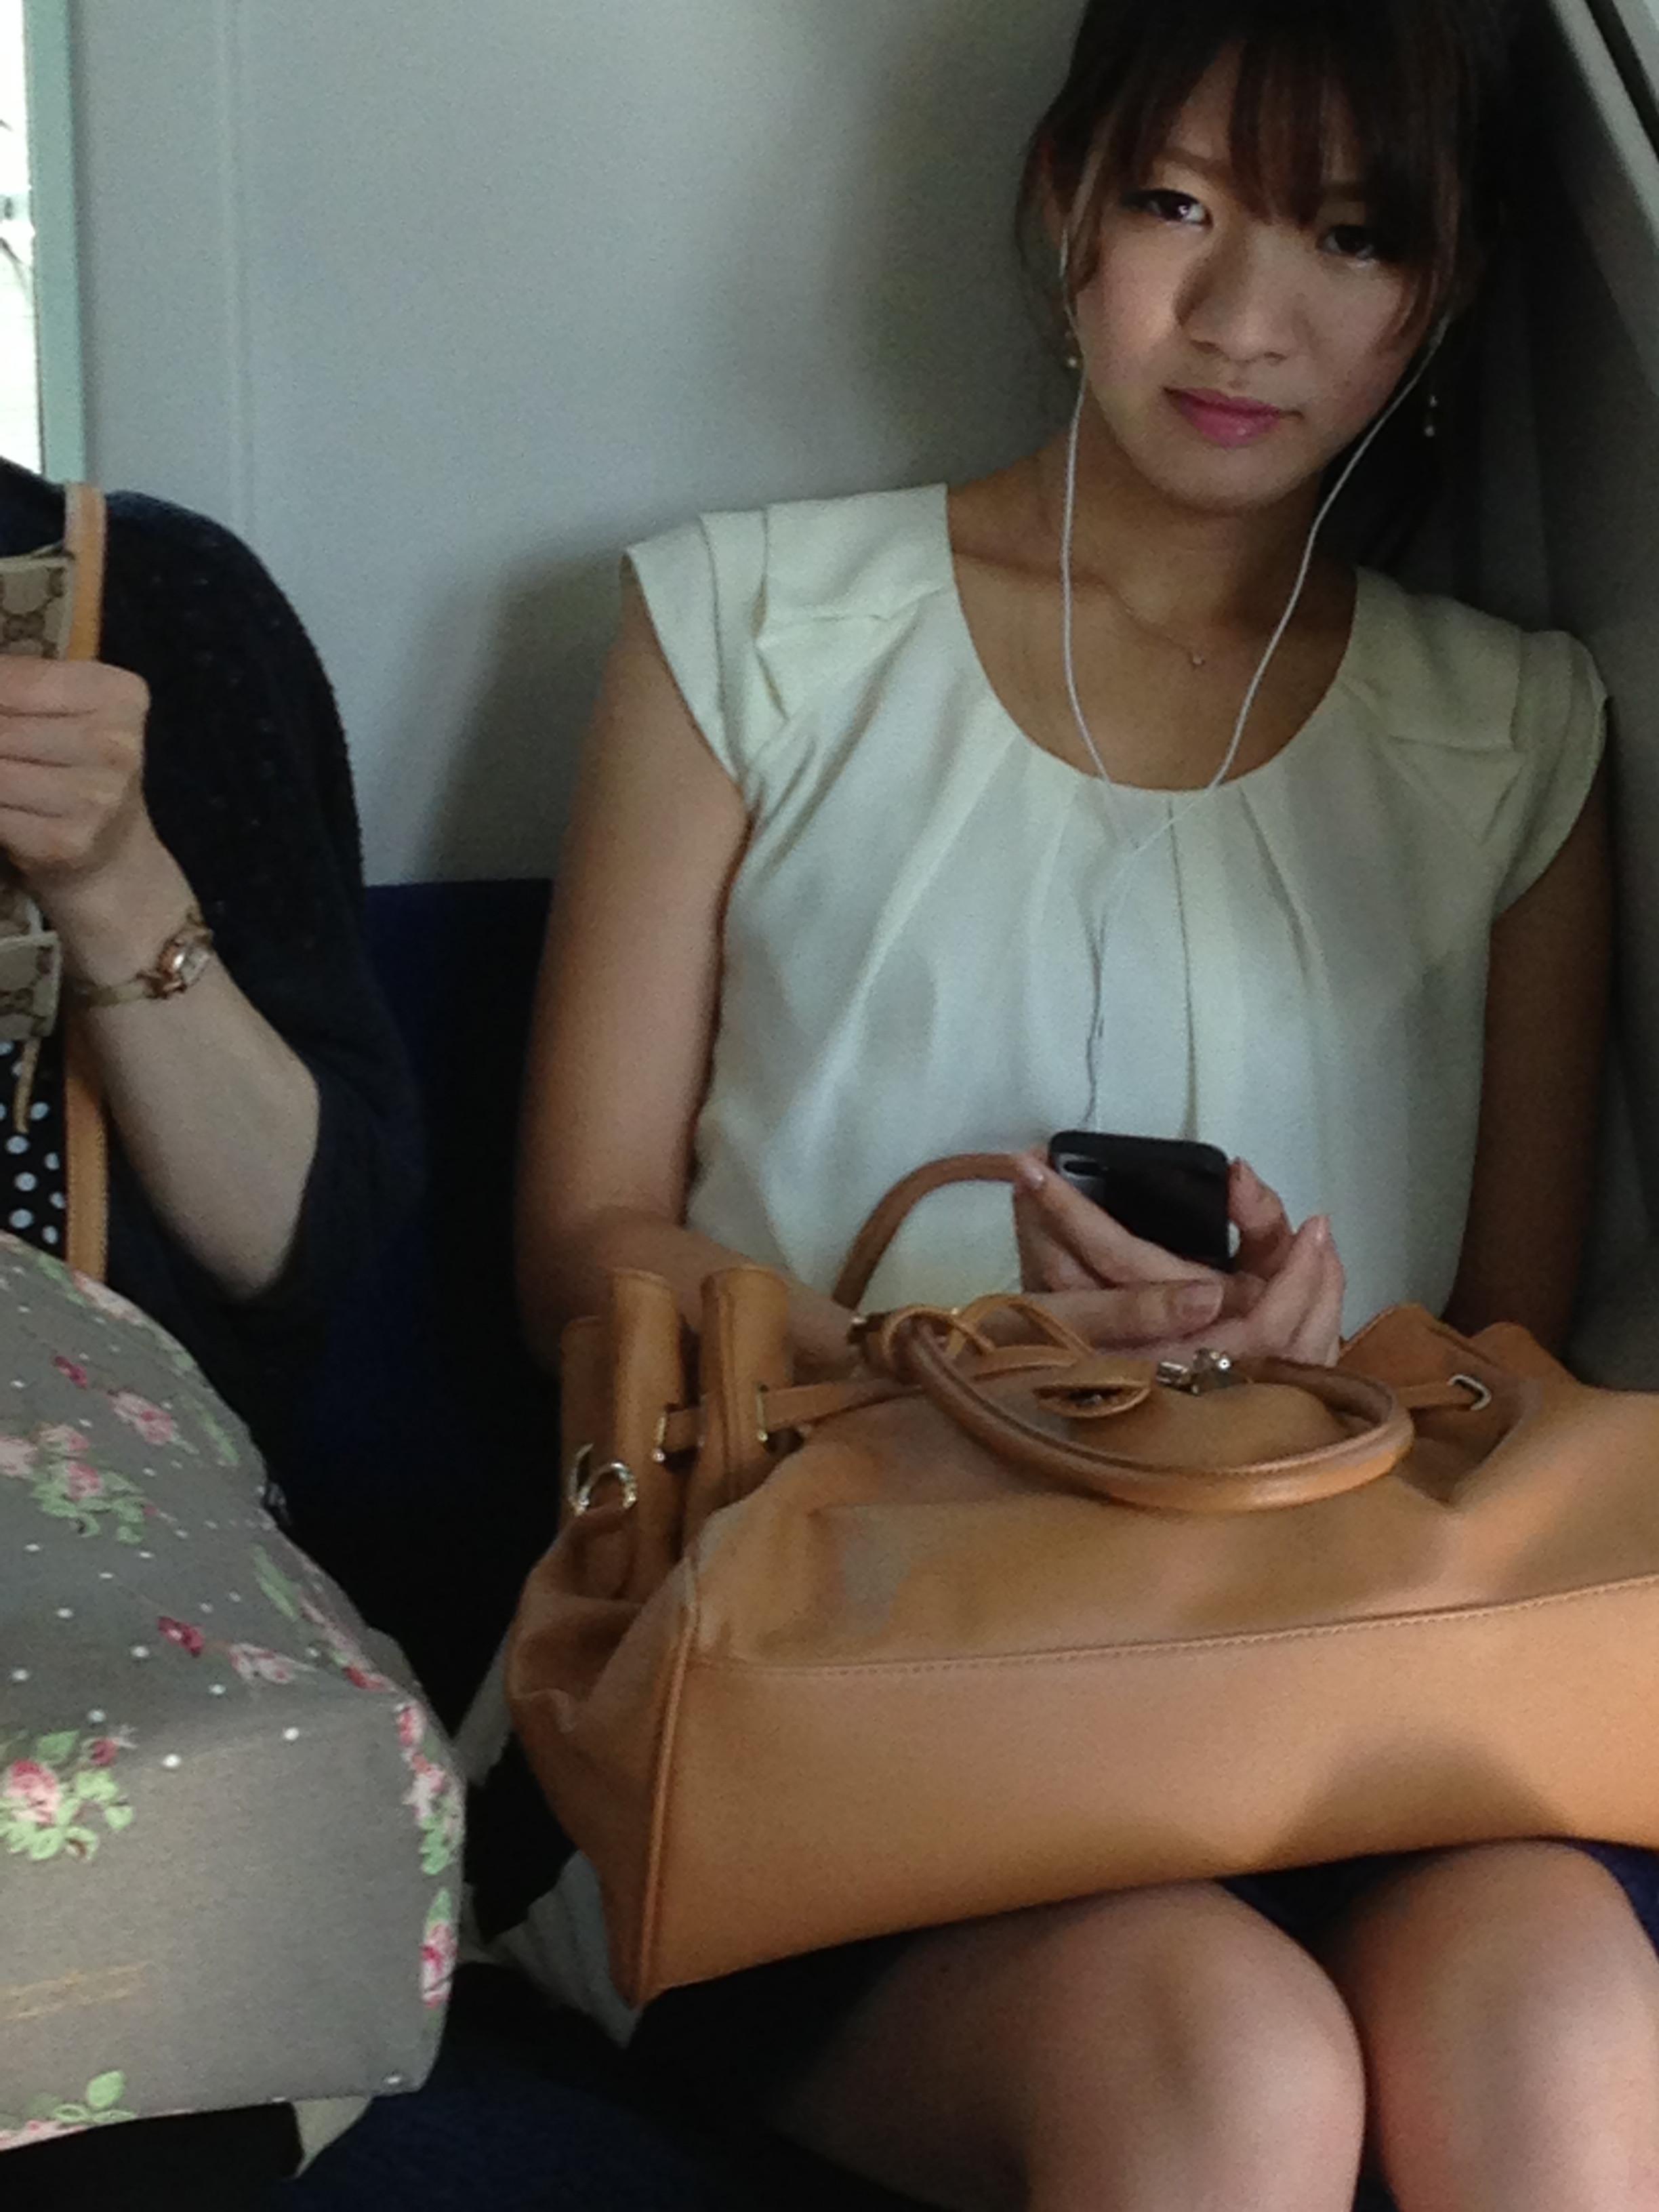 電車で見つけたエロい素人娘達を盗み撮りwww n1YPdgY